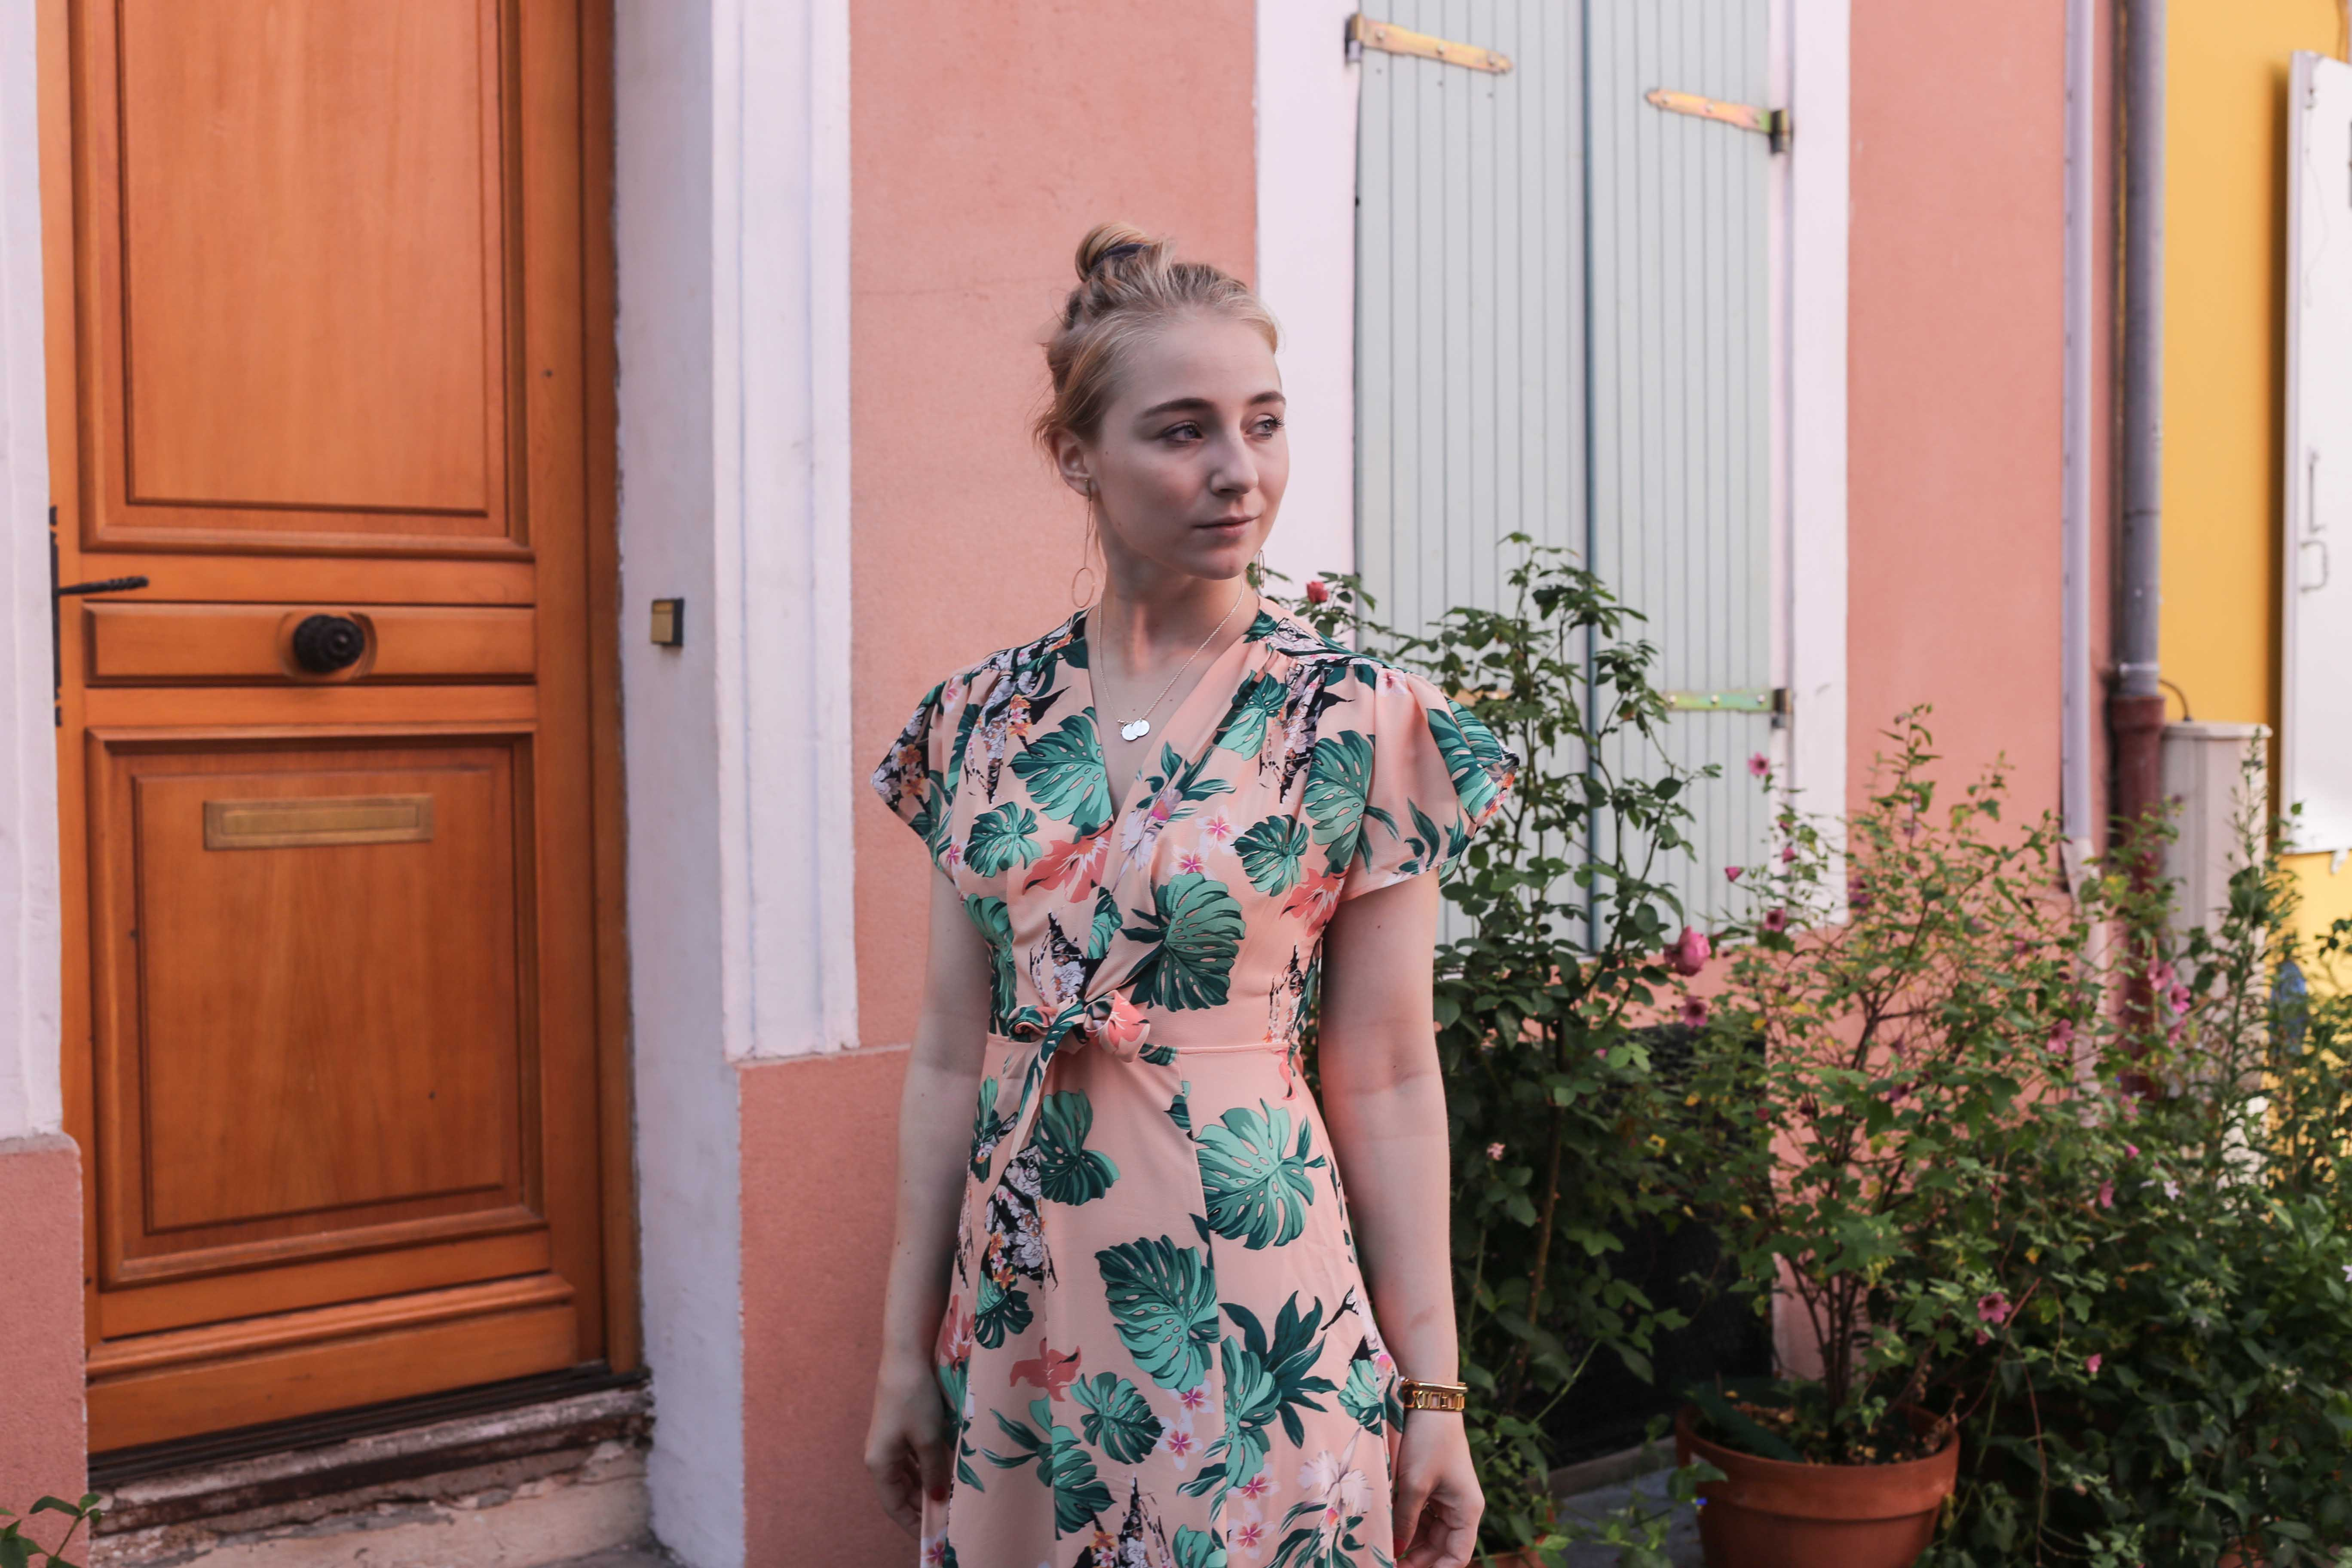 apricot-maxikleid-mules-sommer-paris-outfit-fashionblog-modeblog_1042